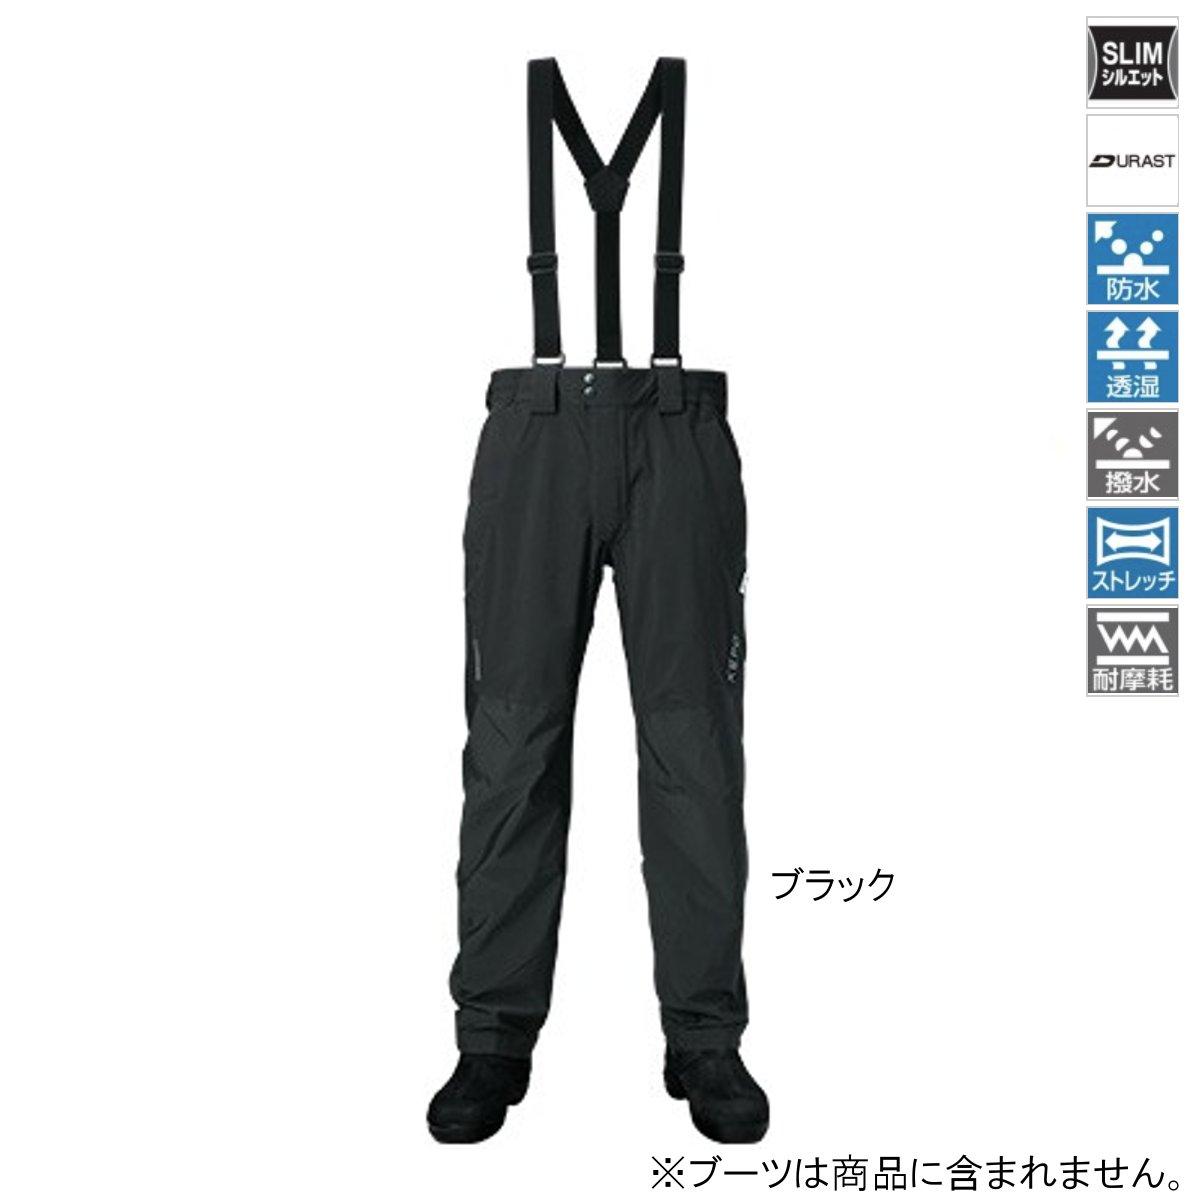 シマノ XEFO・DURASTレインパンツ RA-22PS M ブラック【送料無料】